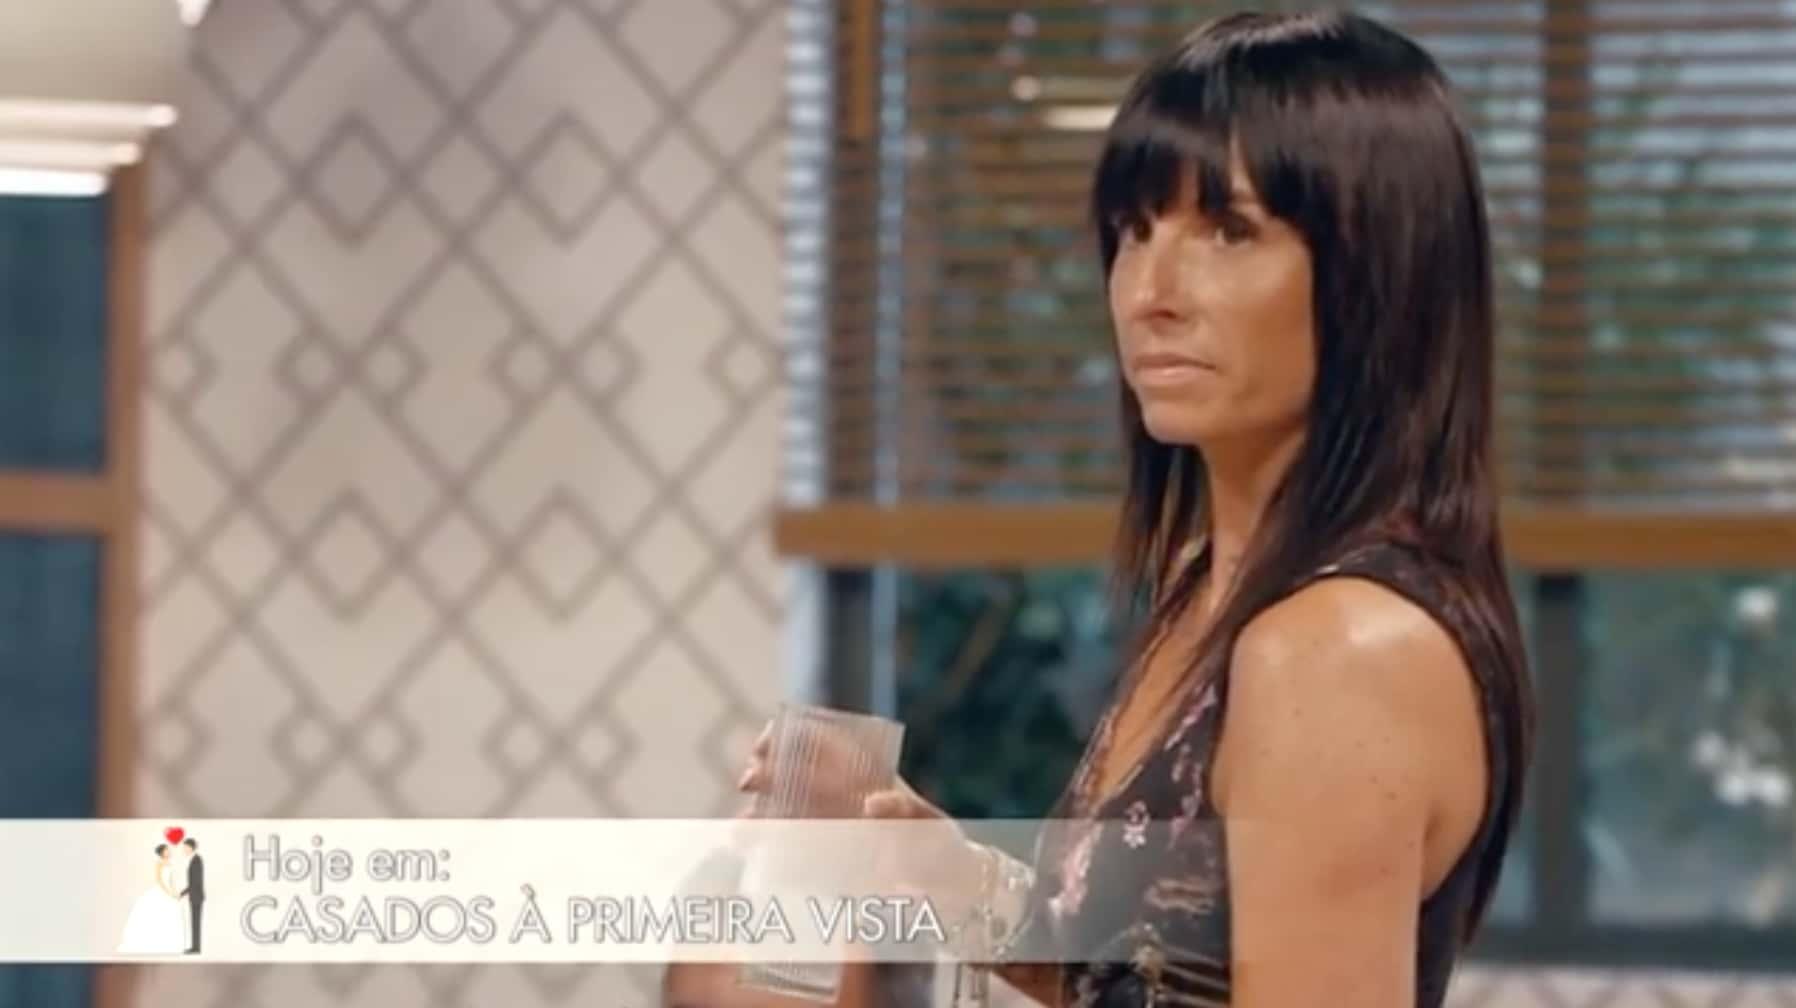 Ana Raquel Casados A Primeira Vista 3 'Casados À Primeira Vista'. O Pormenor De Ana Raquel Que Poucos Repararam